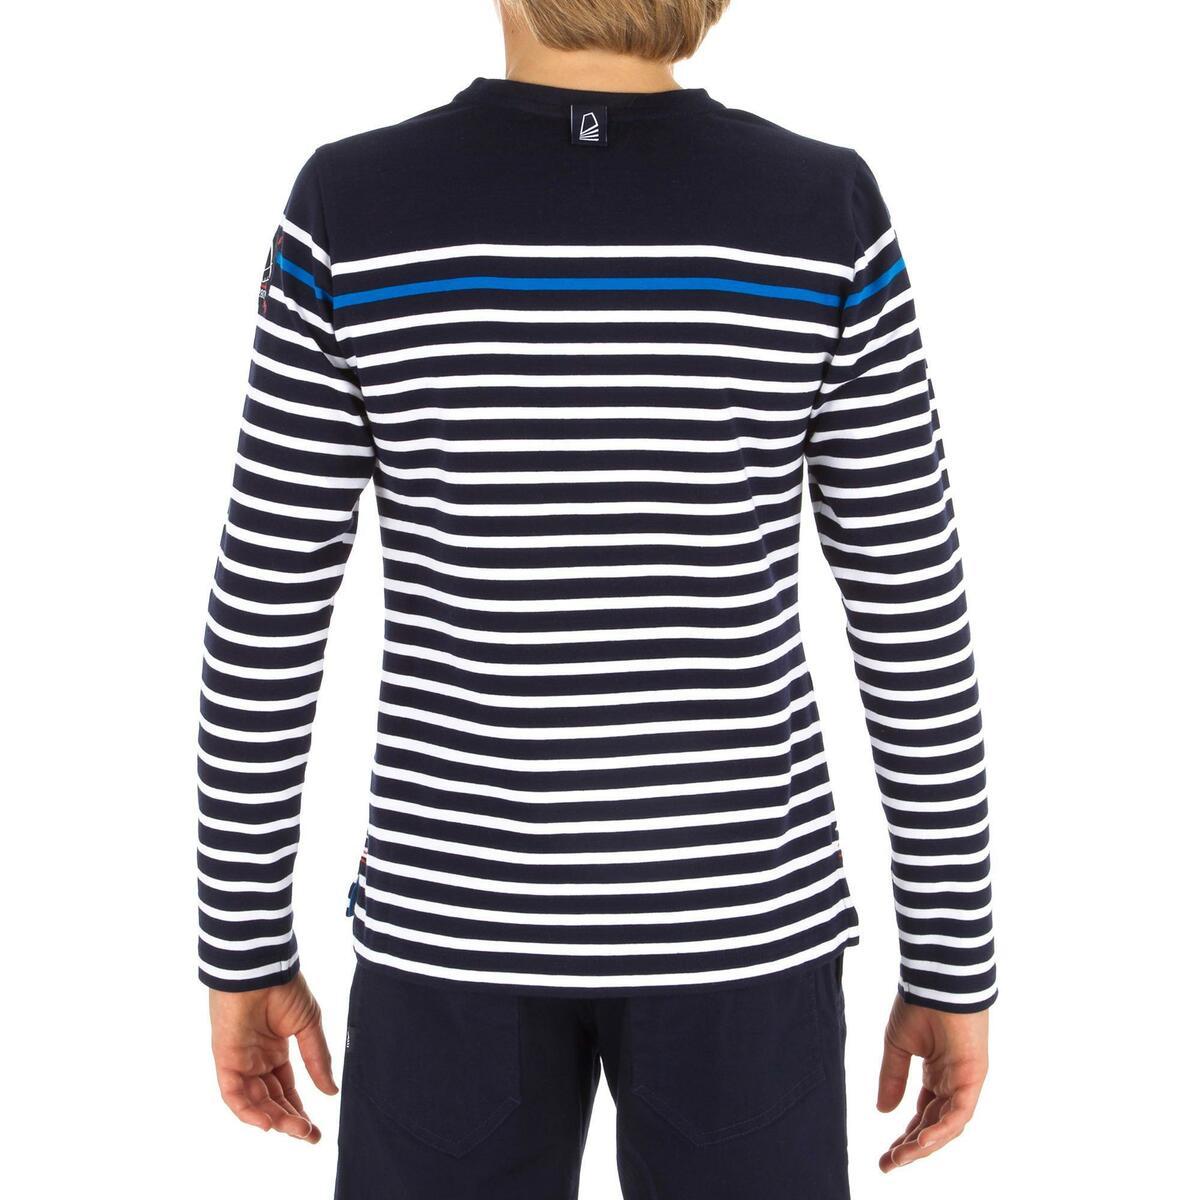 Bild 3 von Segelshirt langarm Sailing 100 Jungen blau gestreift